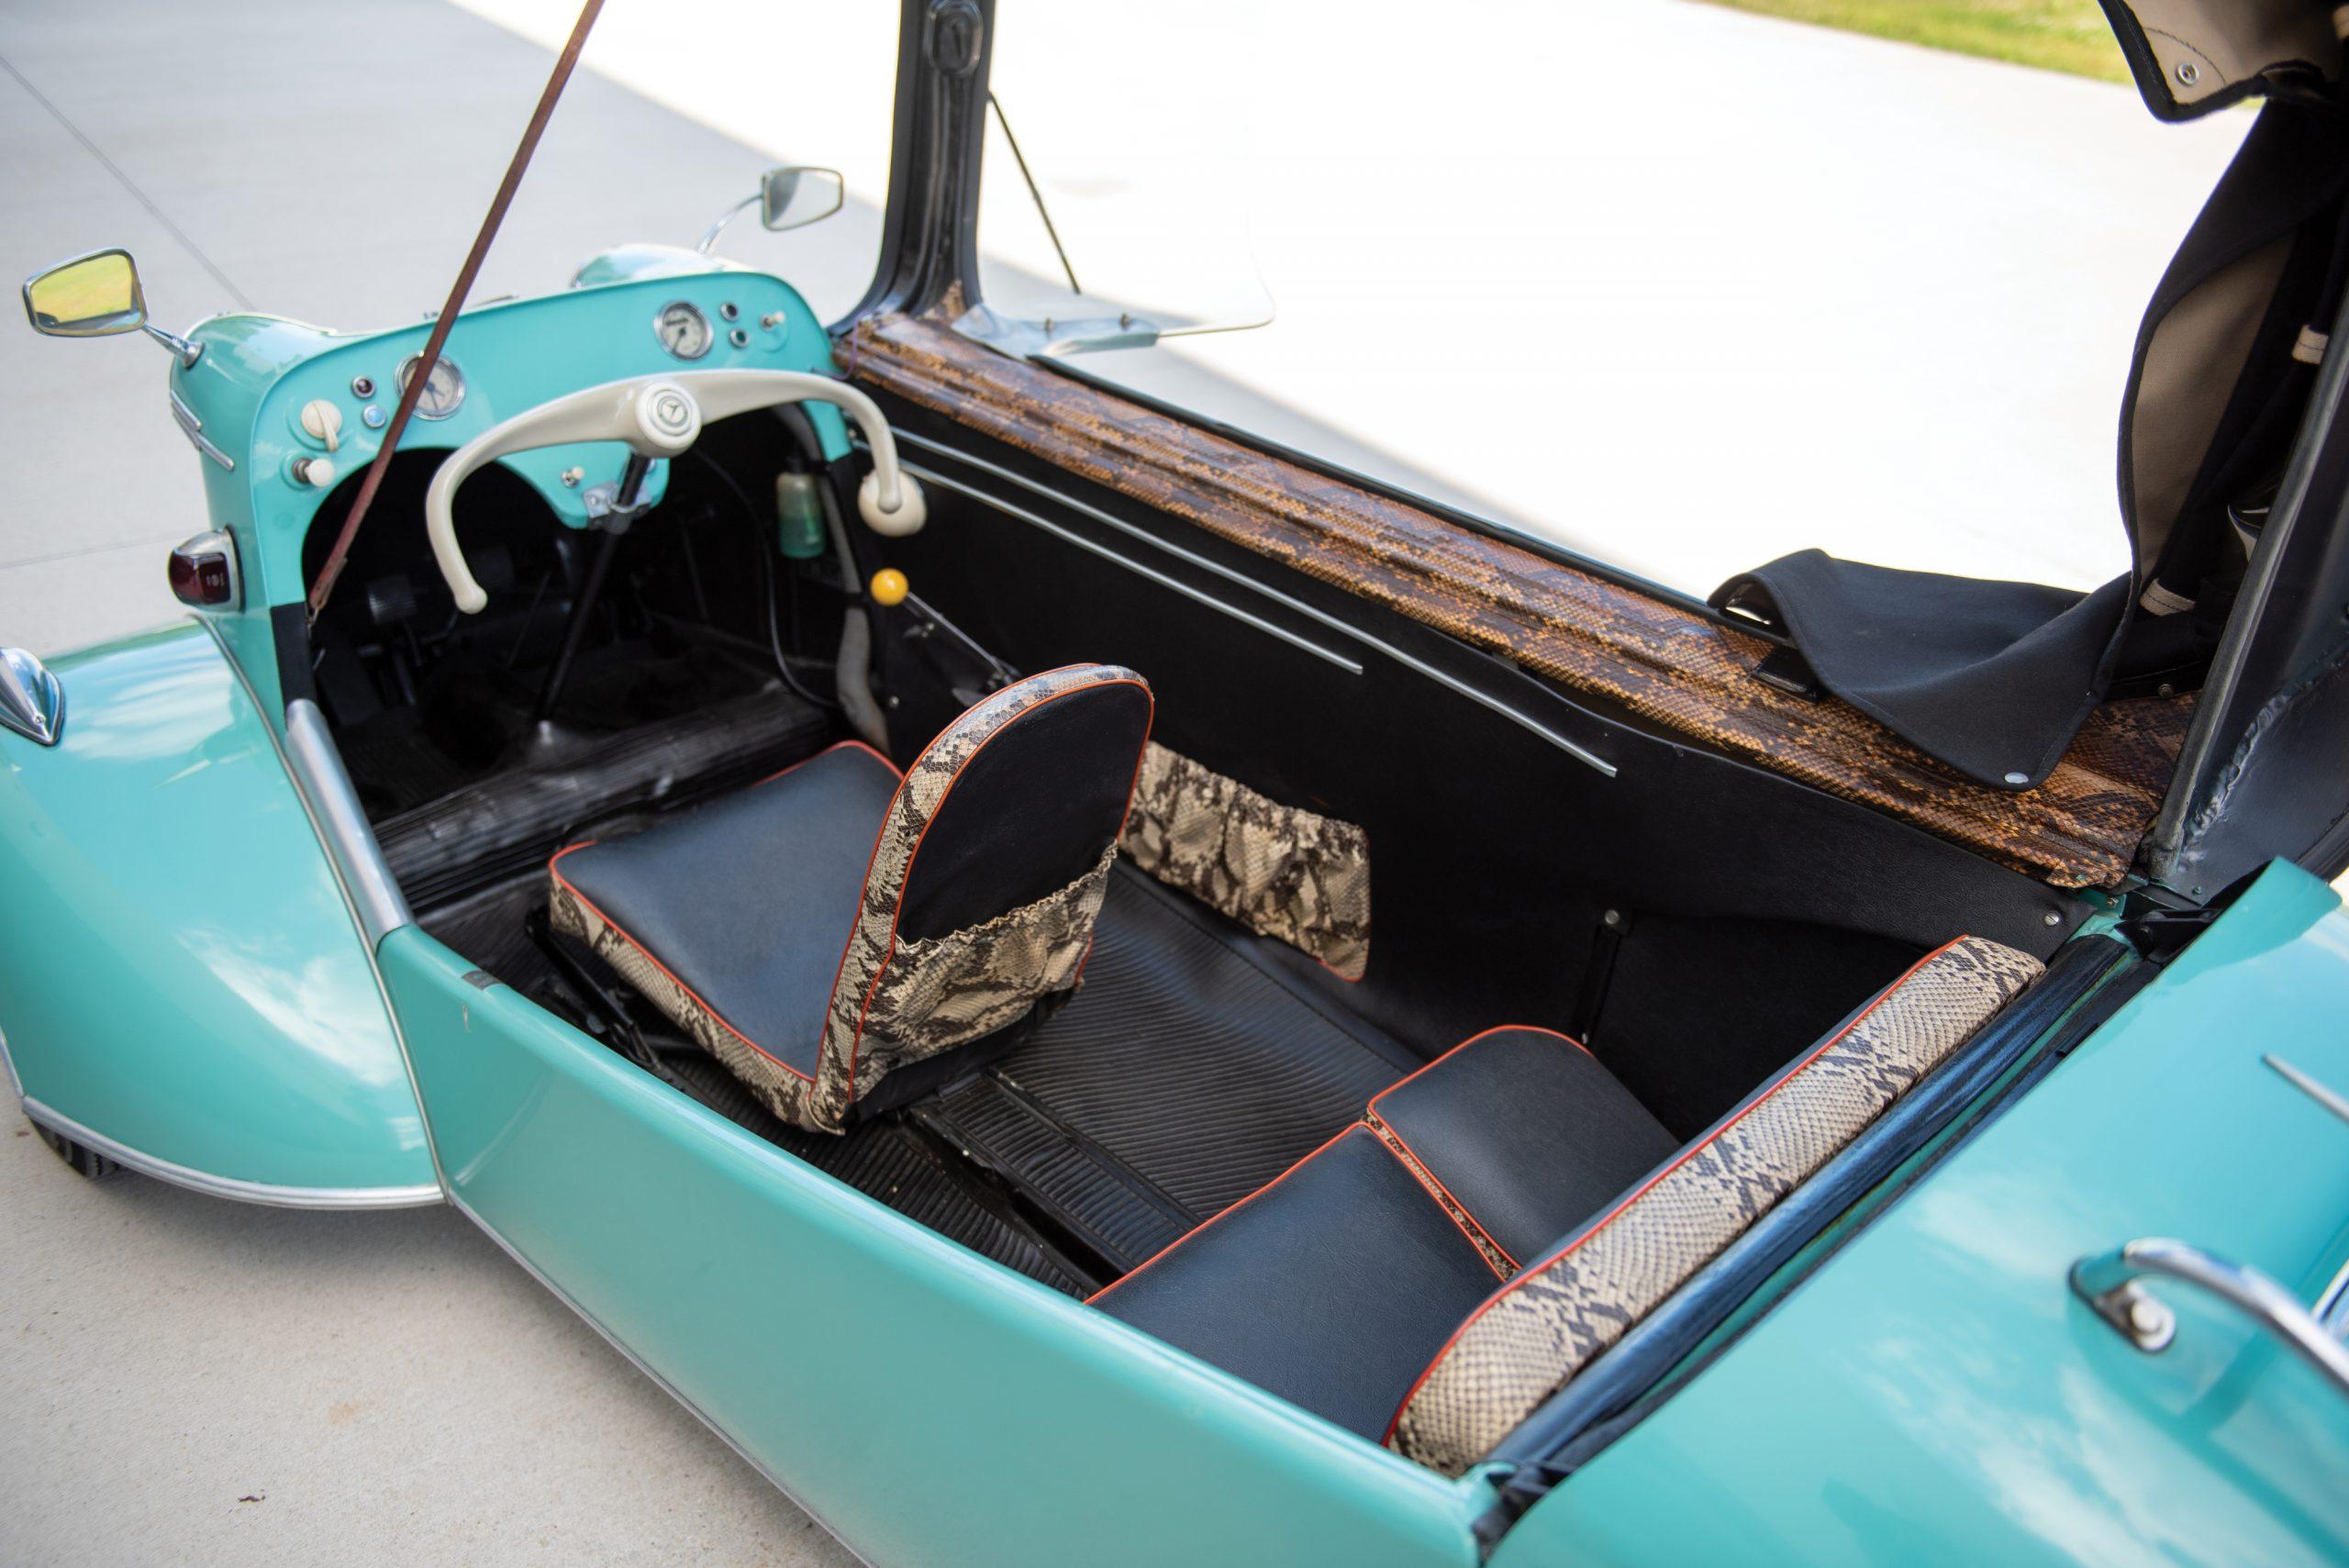 1958-Messerschmitt-KR-201-Roadster cockpit_Hagerty